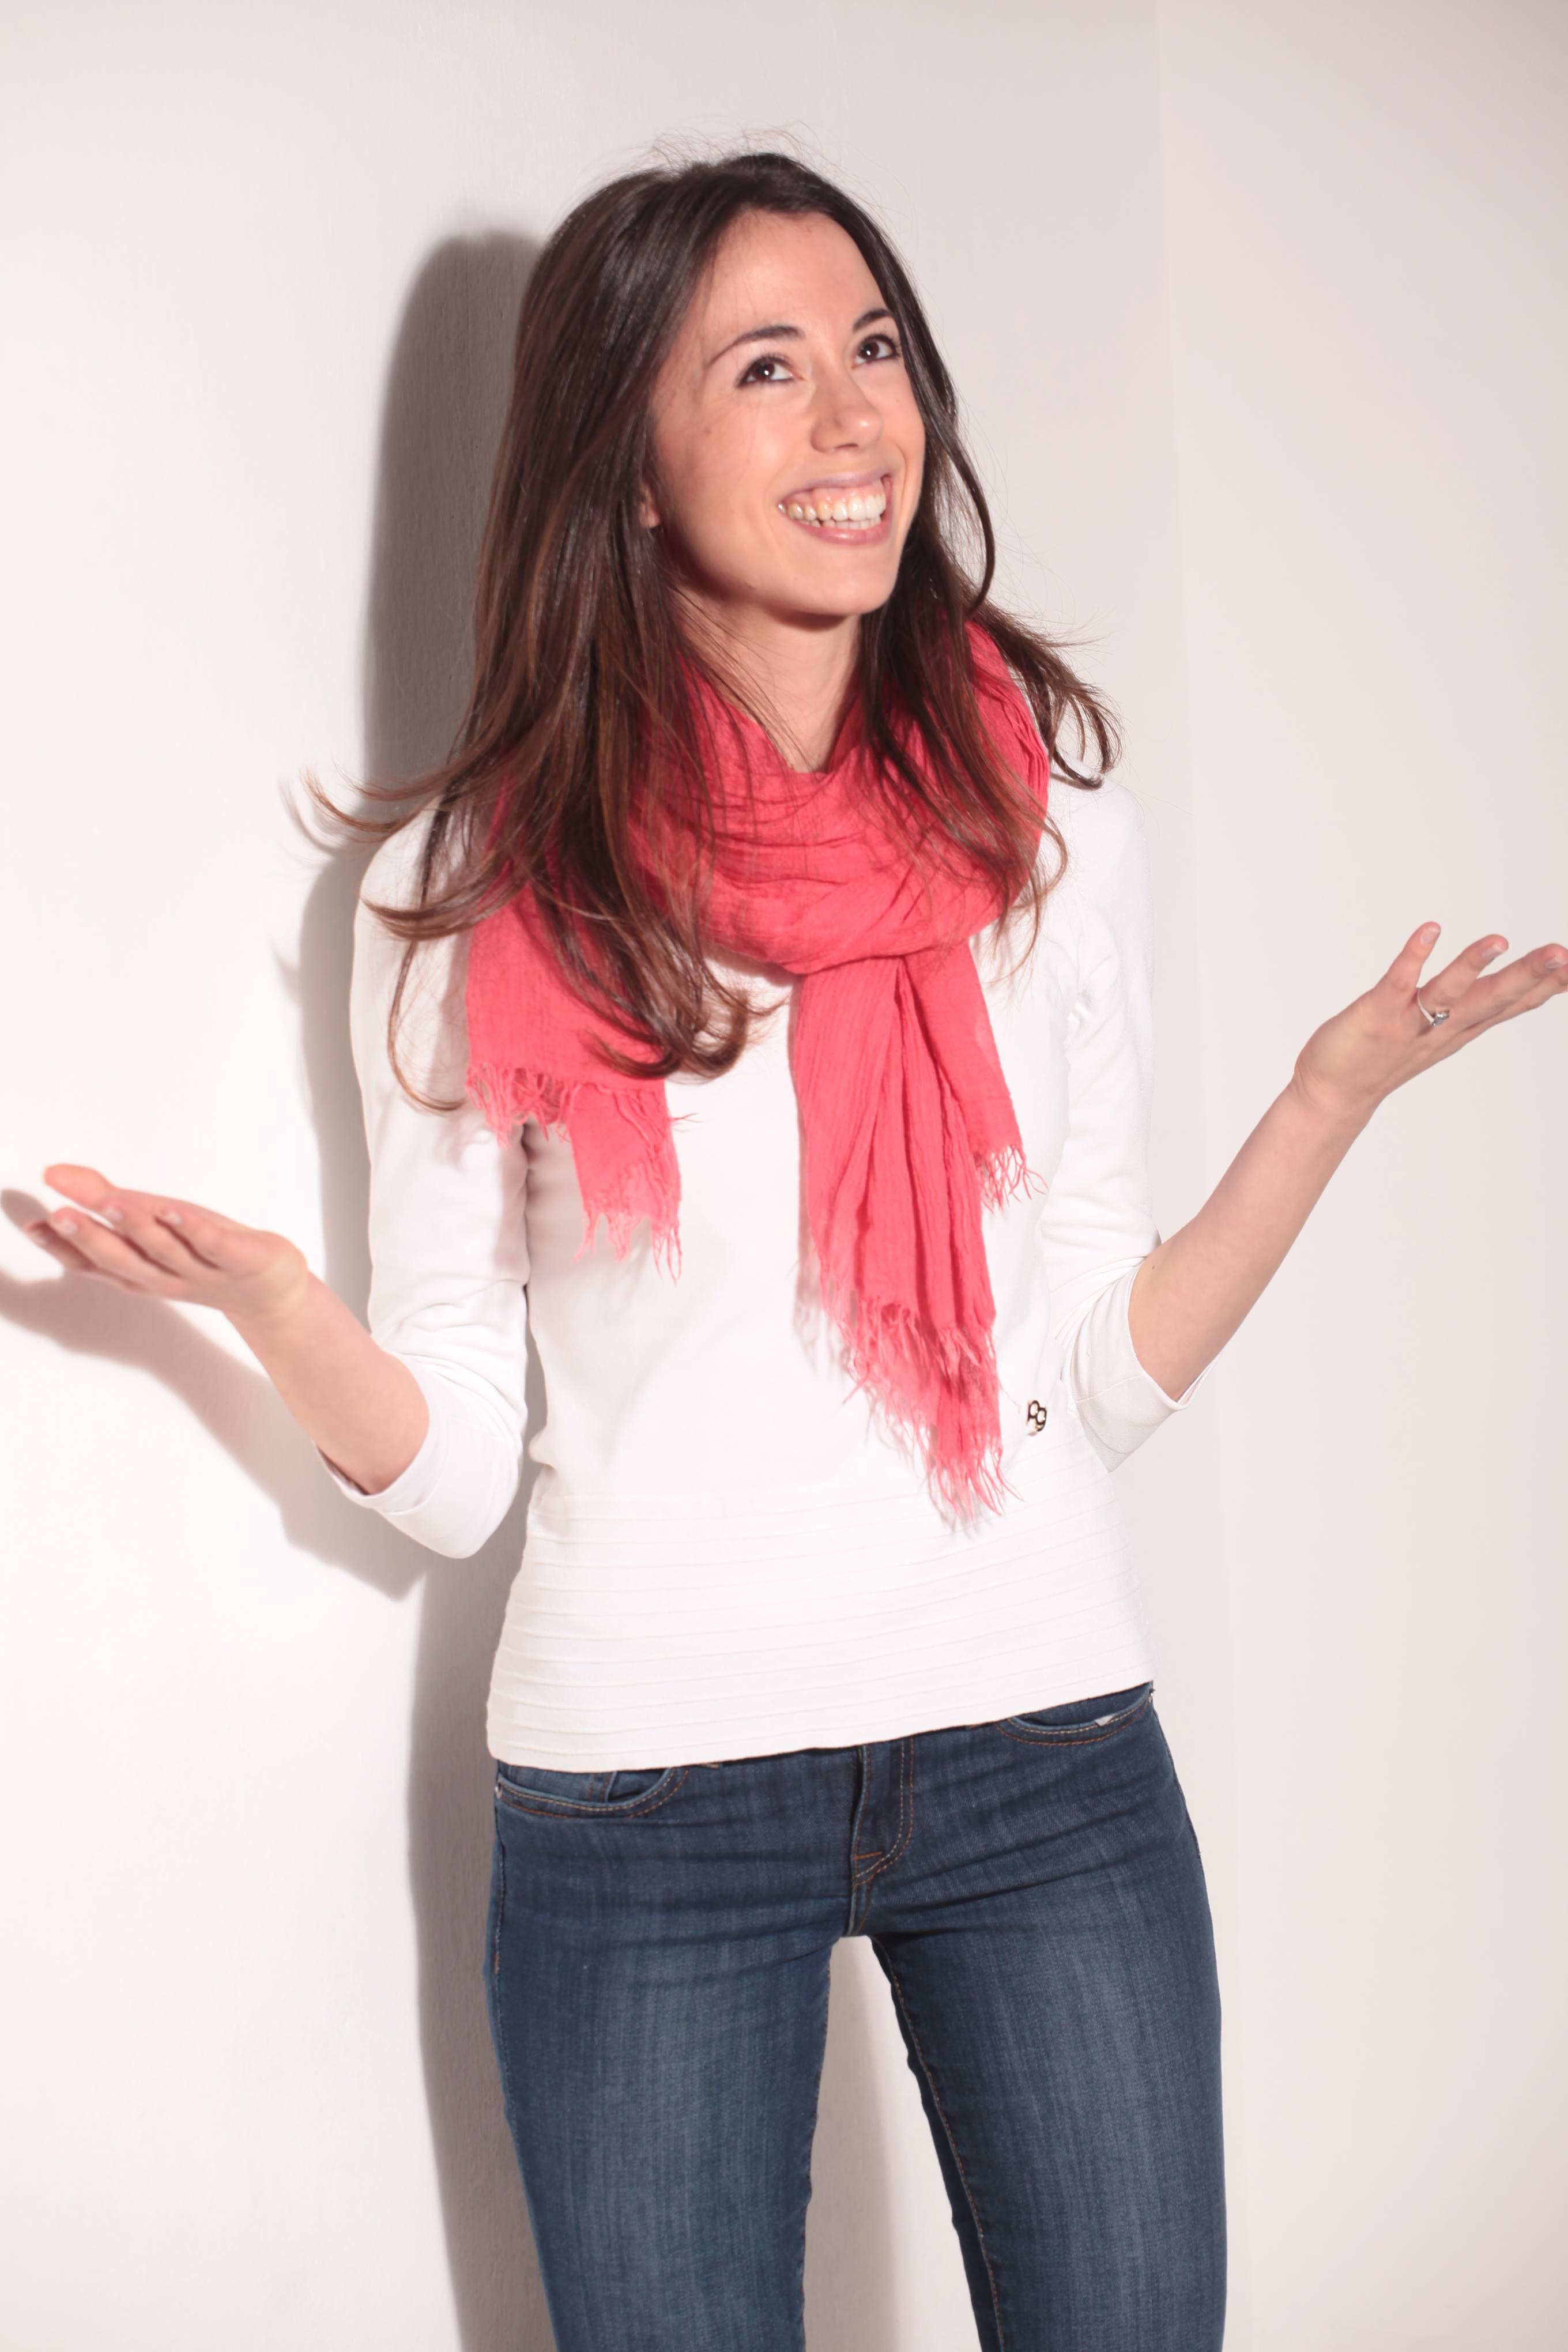 Entrevista Emprendedora con Laura SJ